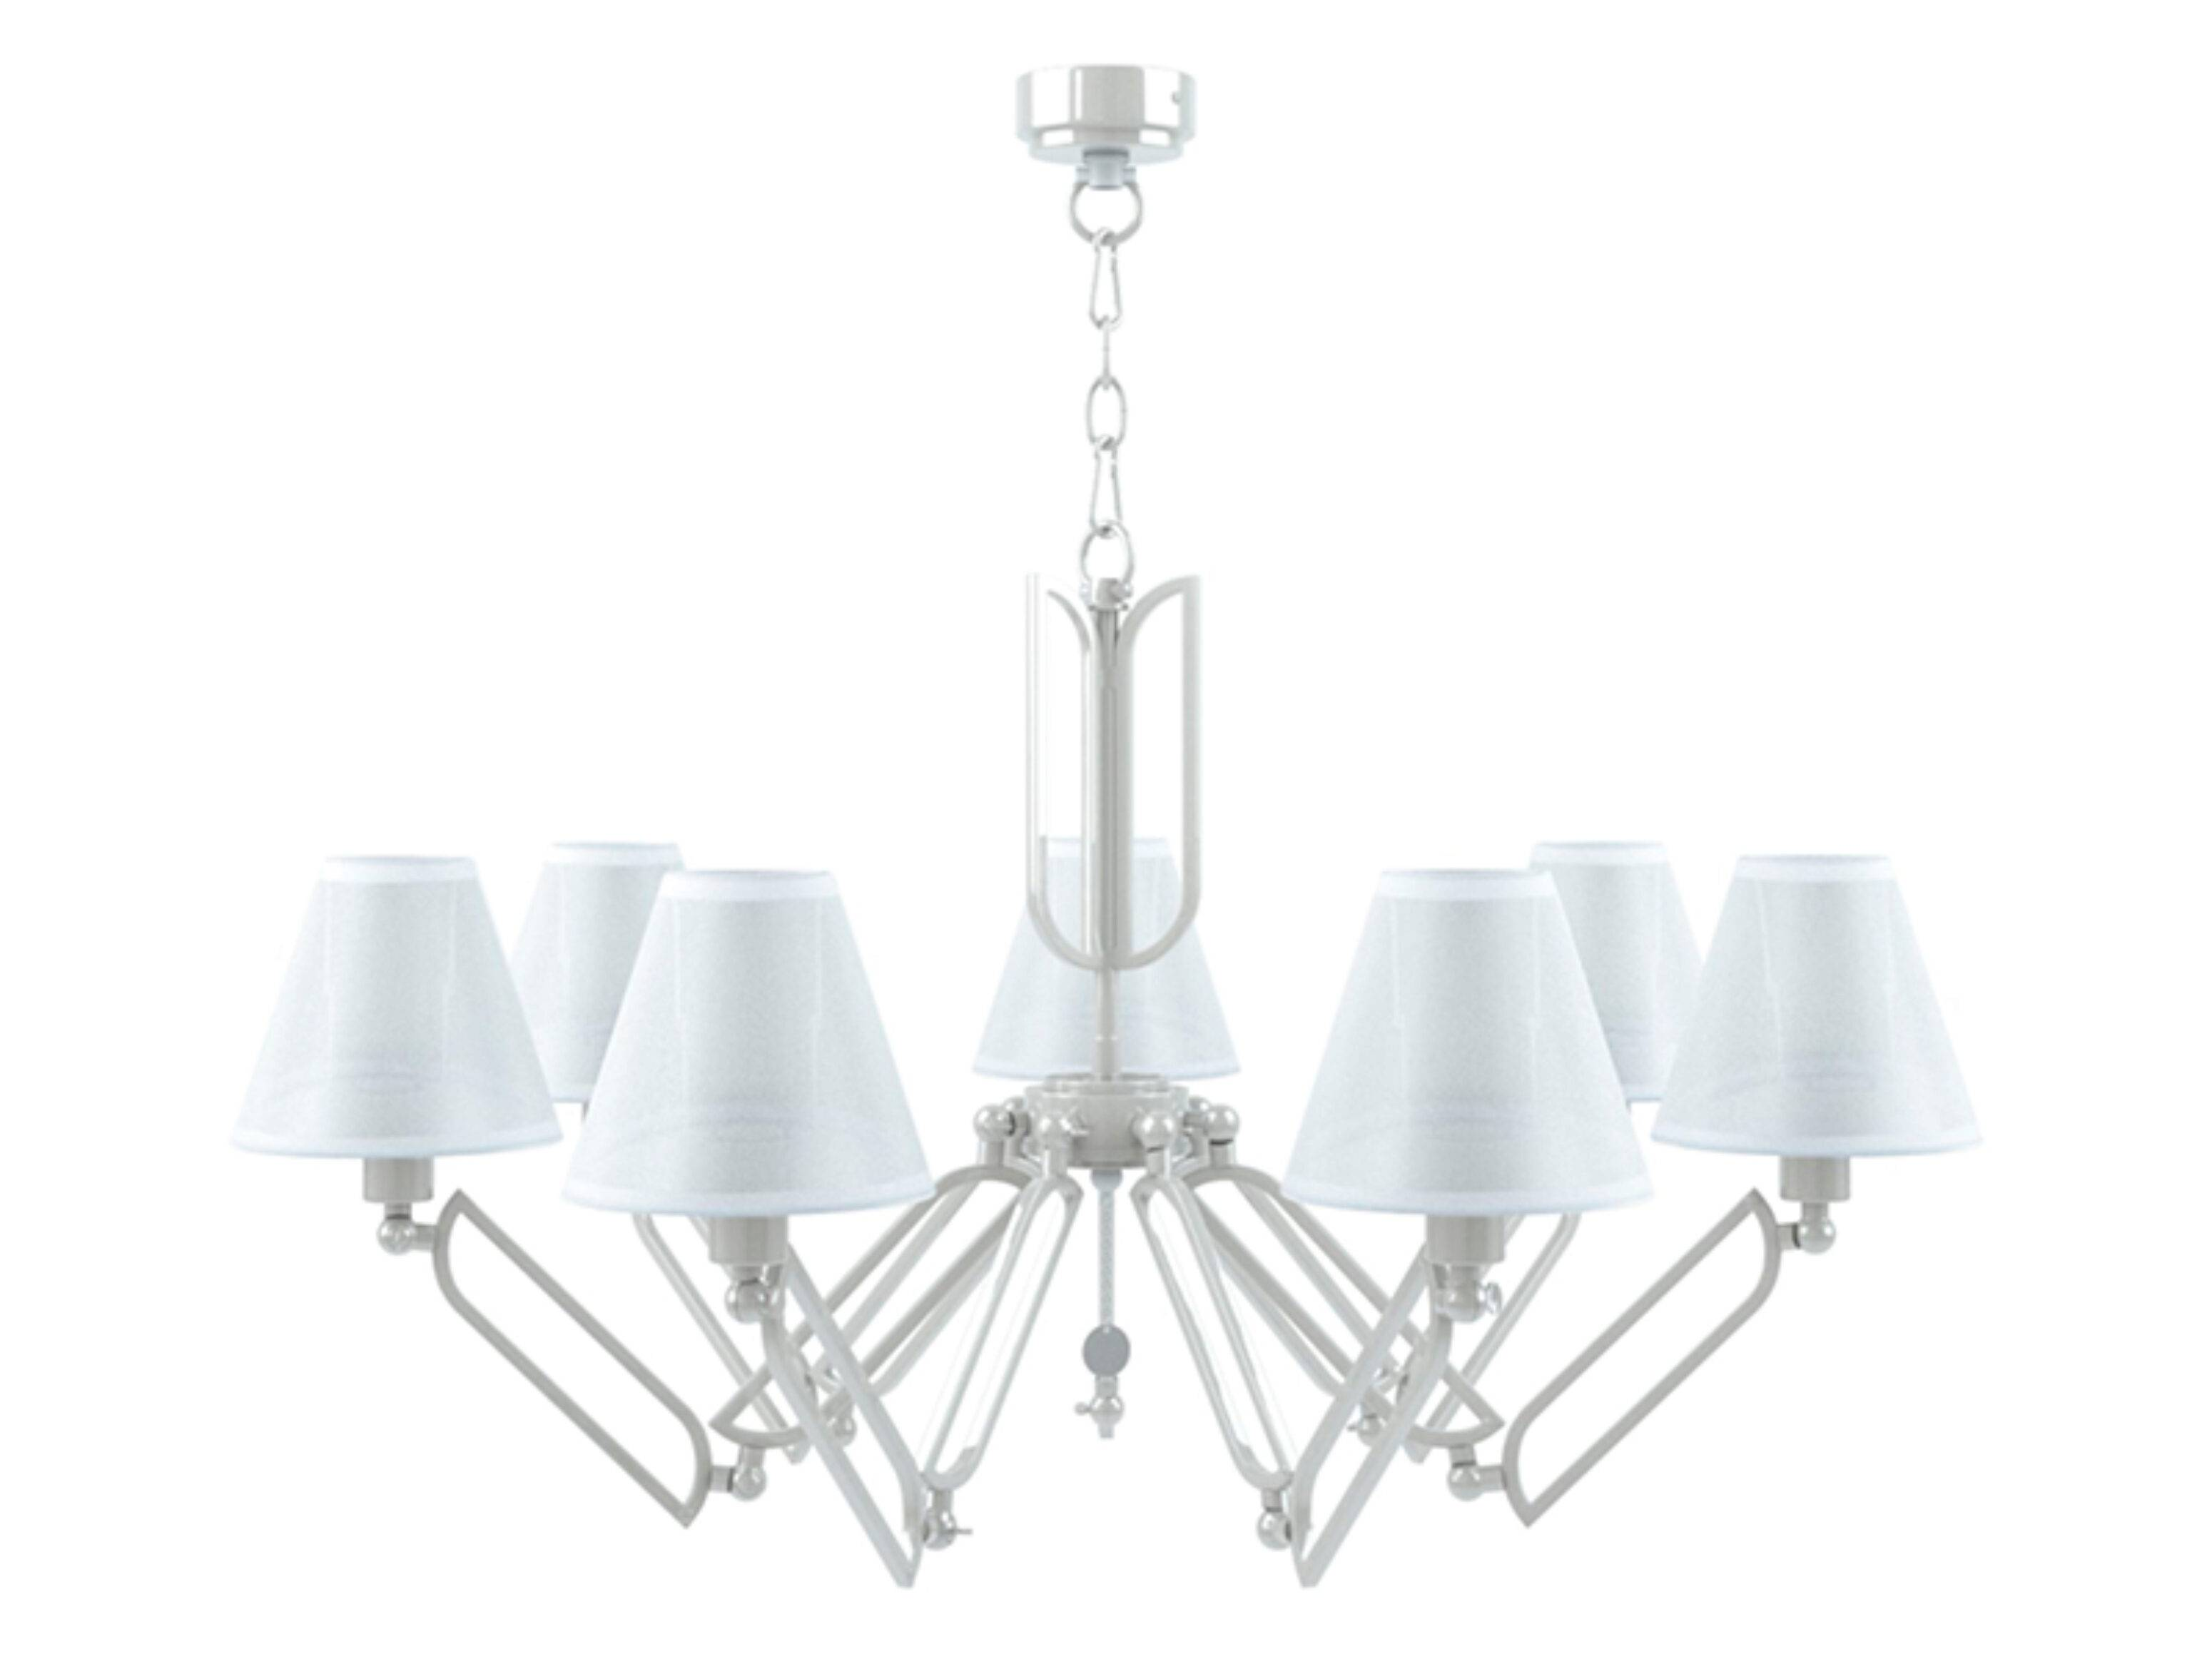 Настенные светильники: подбор, установка и особенности подключения современных моделей (110 фото)